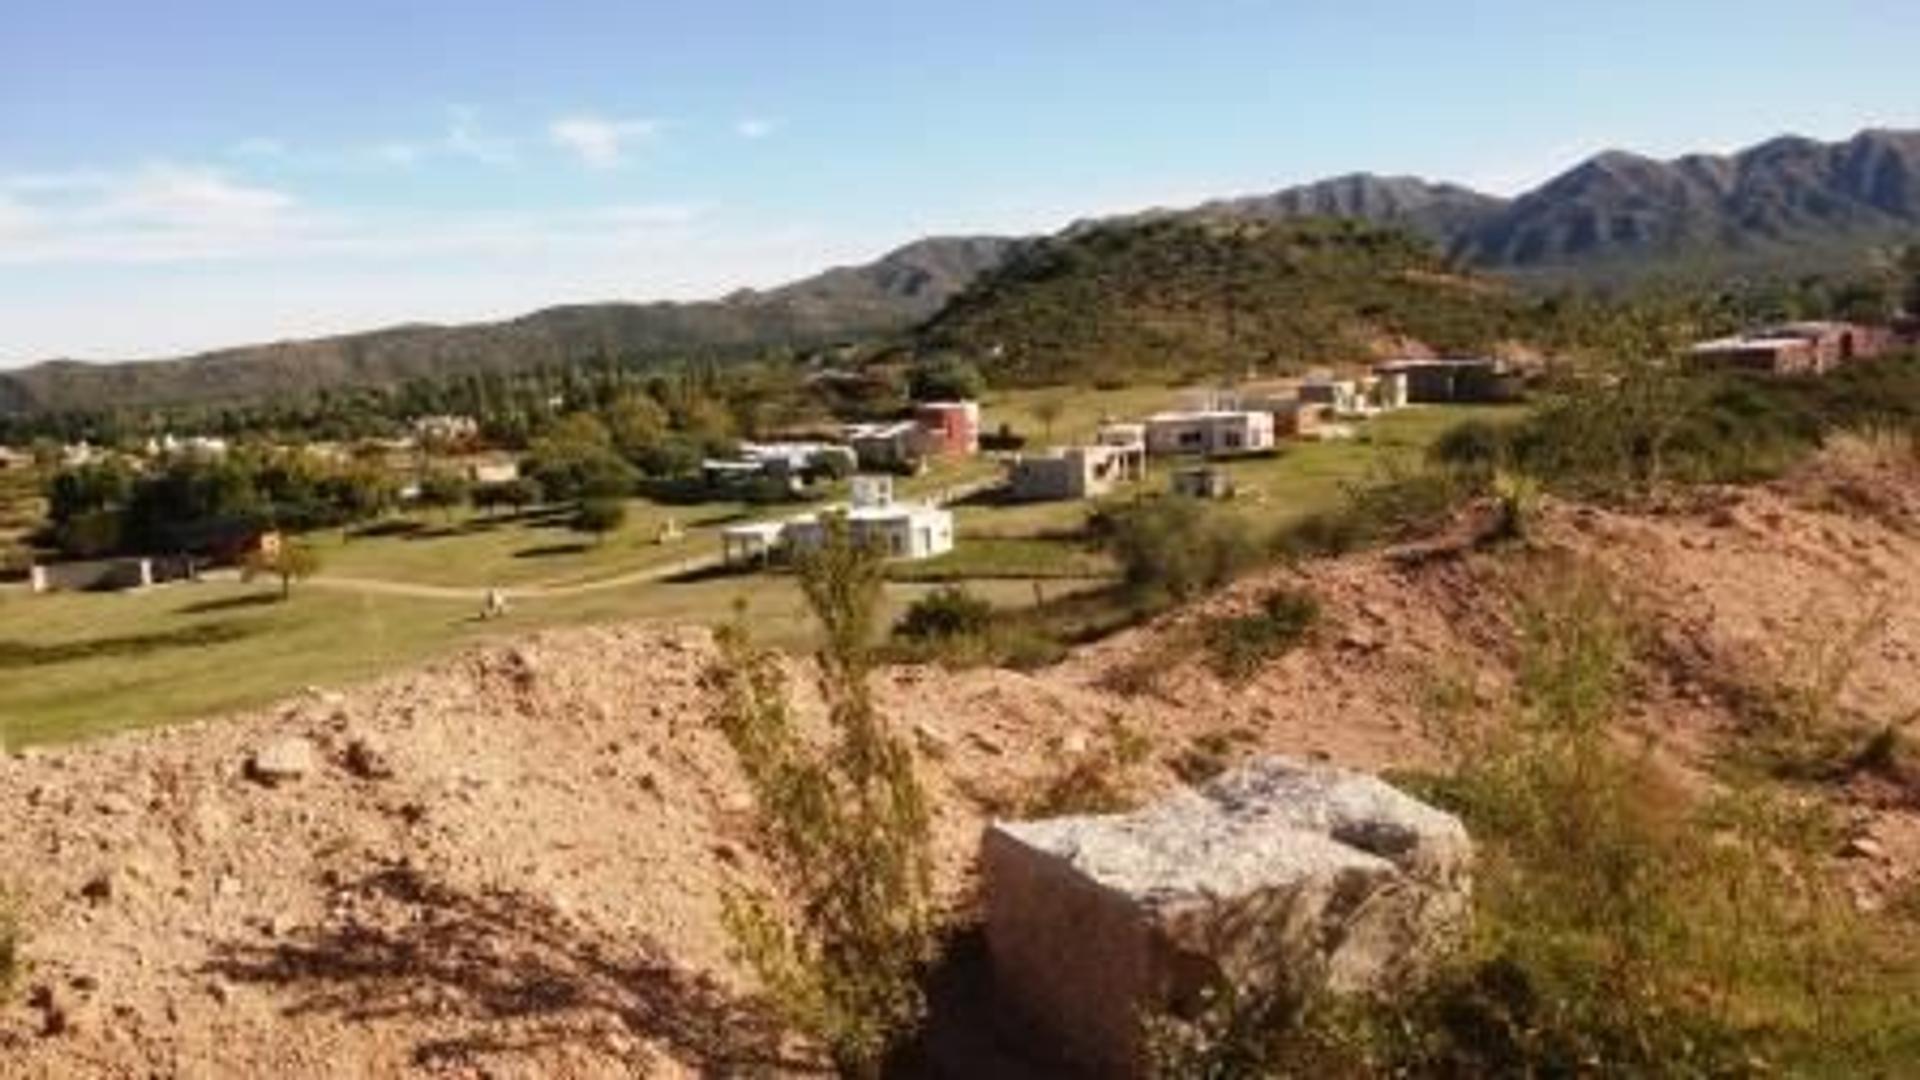 10.000 mts2, con entrada privada, vista panoramica enclavado en las Sierras en Juana koslay UNICO